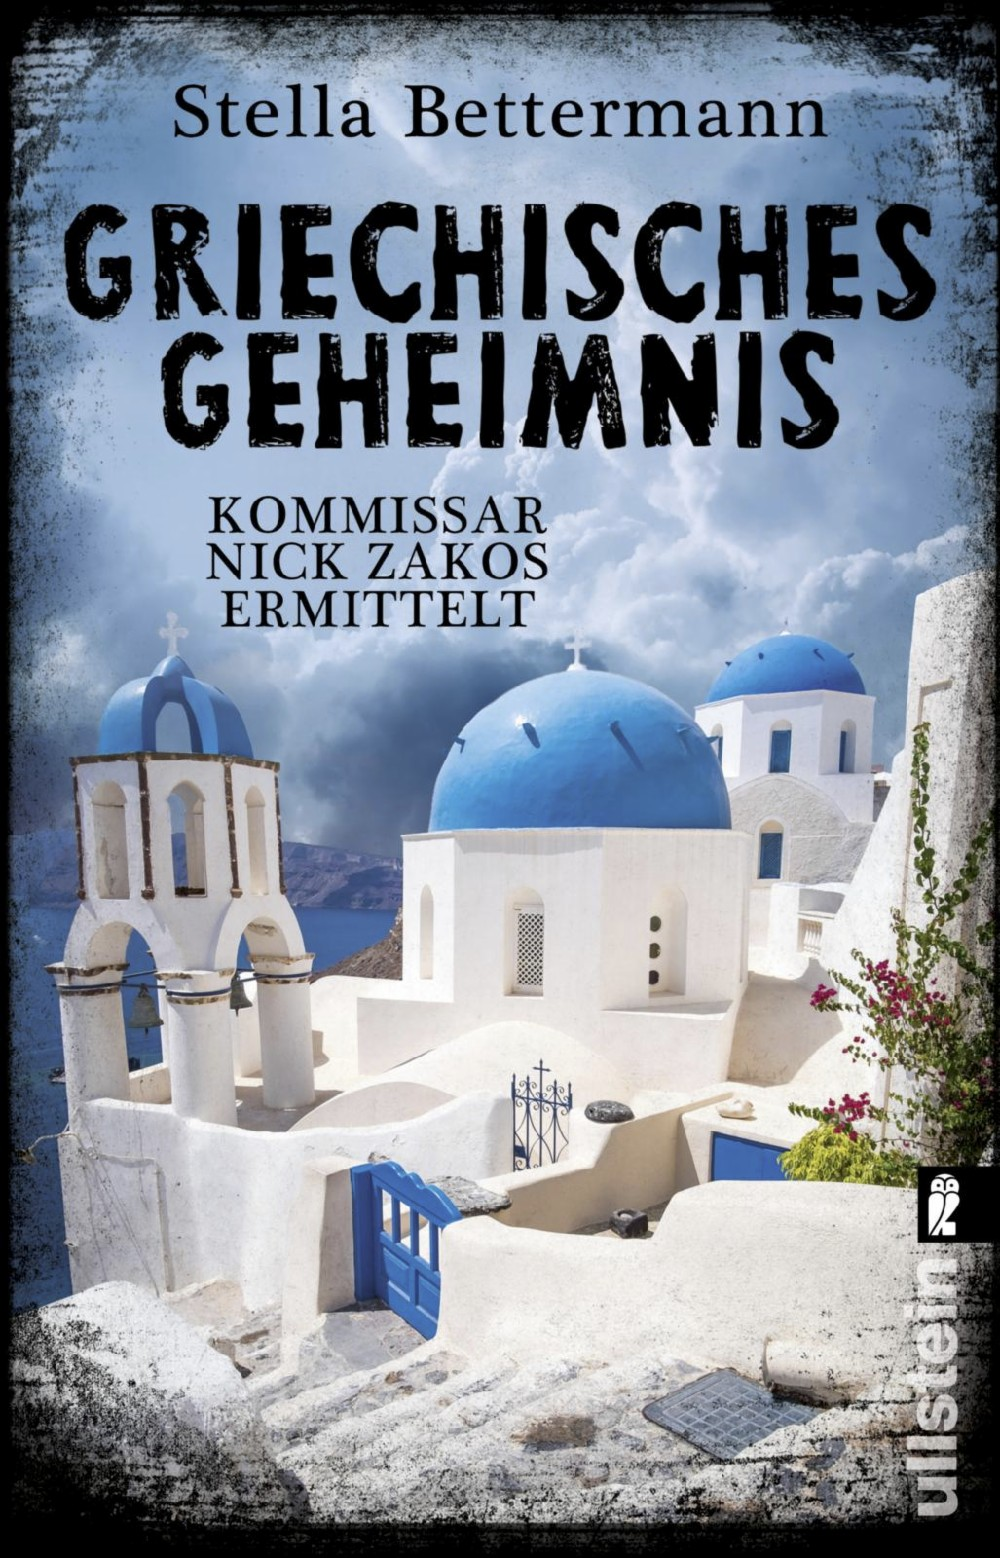 Griechisches Geheimnis